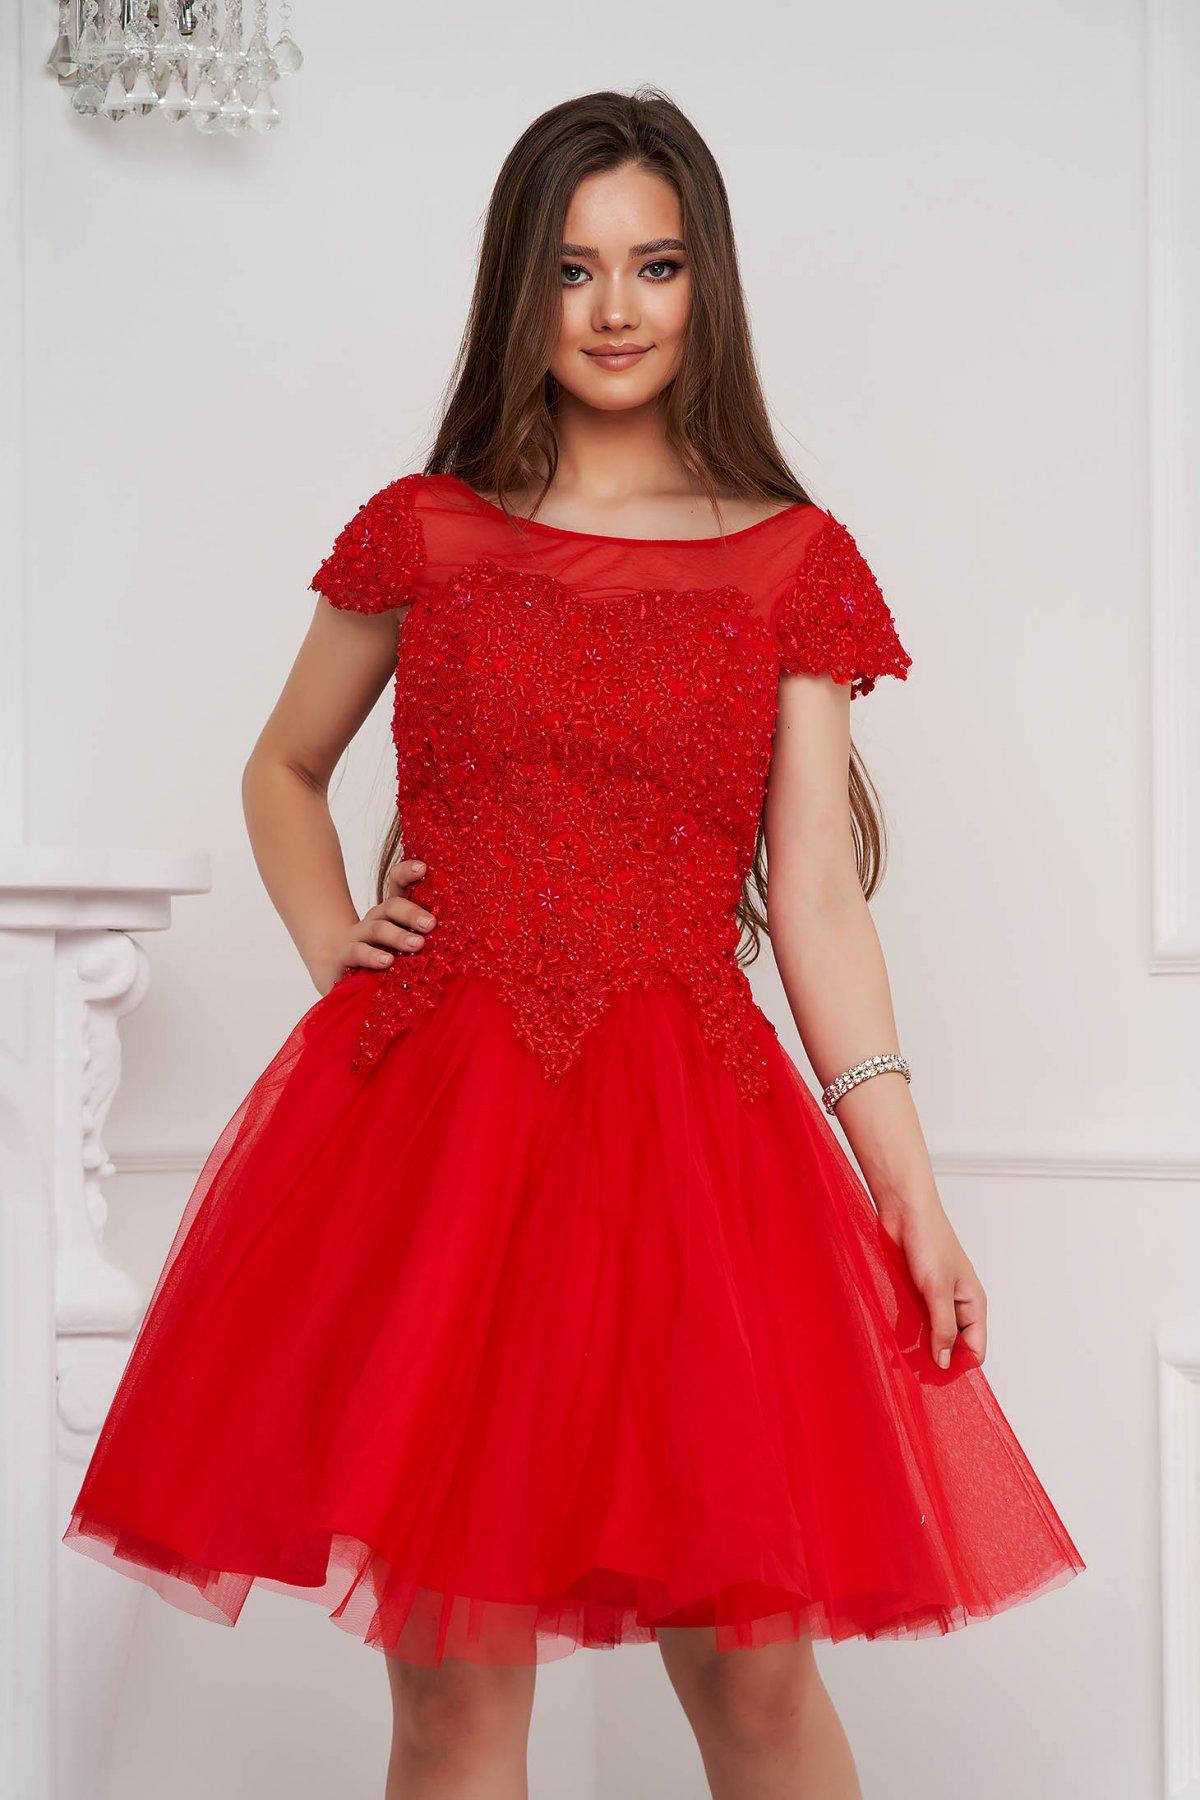 Rochie rosie scurta de ocazie in clos din tul cu broderie si aplicatii cu perle